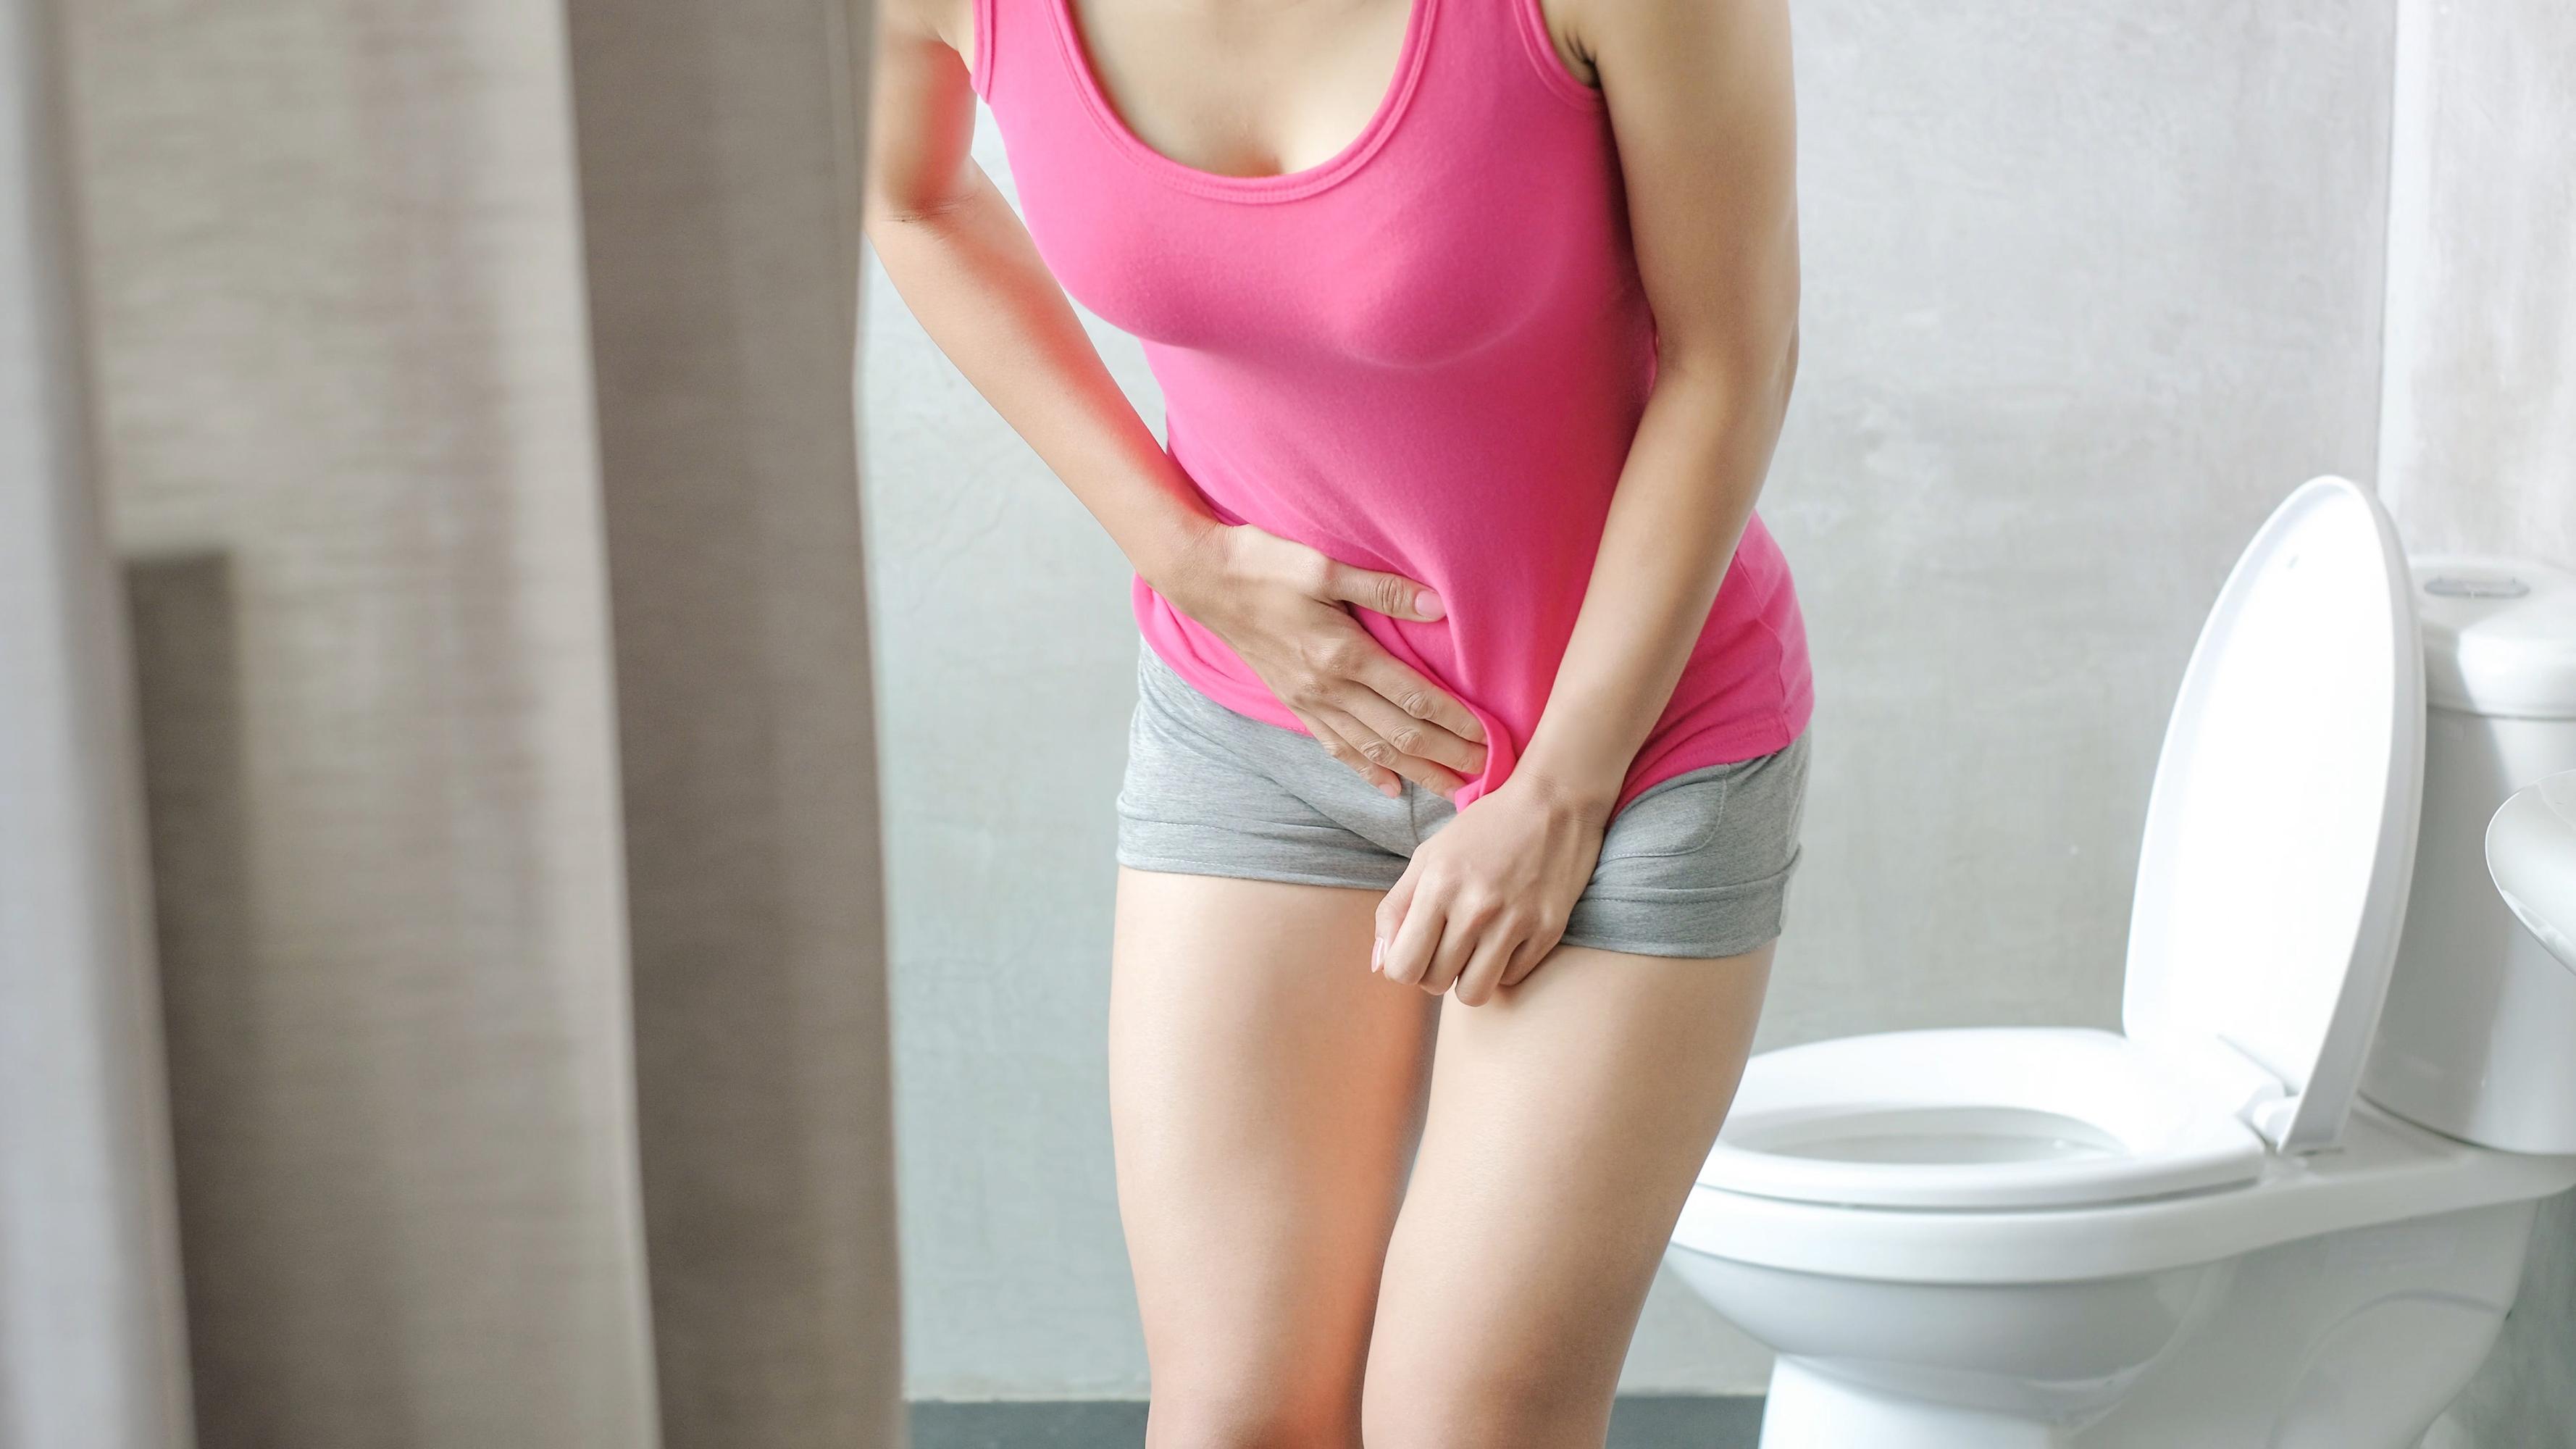 Cómo reducir la micción frecuente durante el embarazo